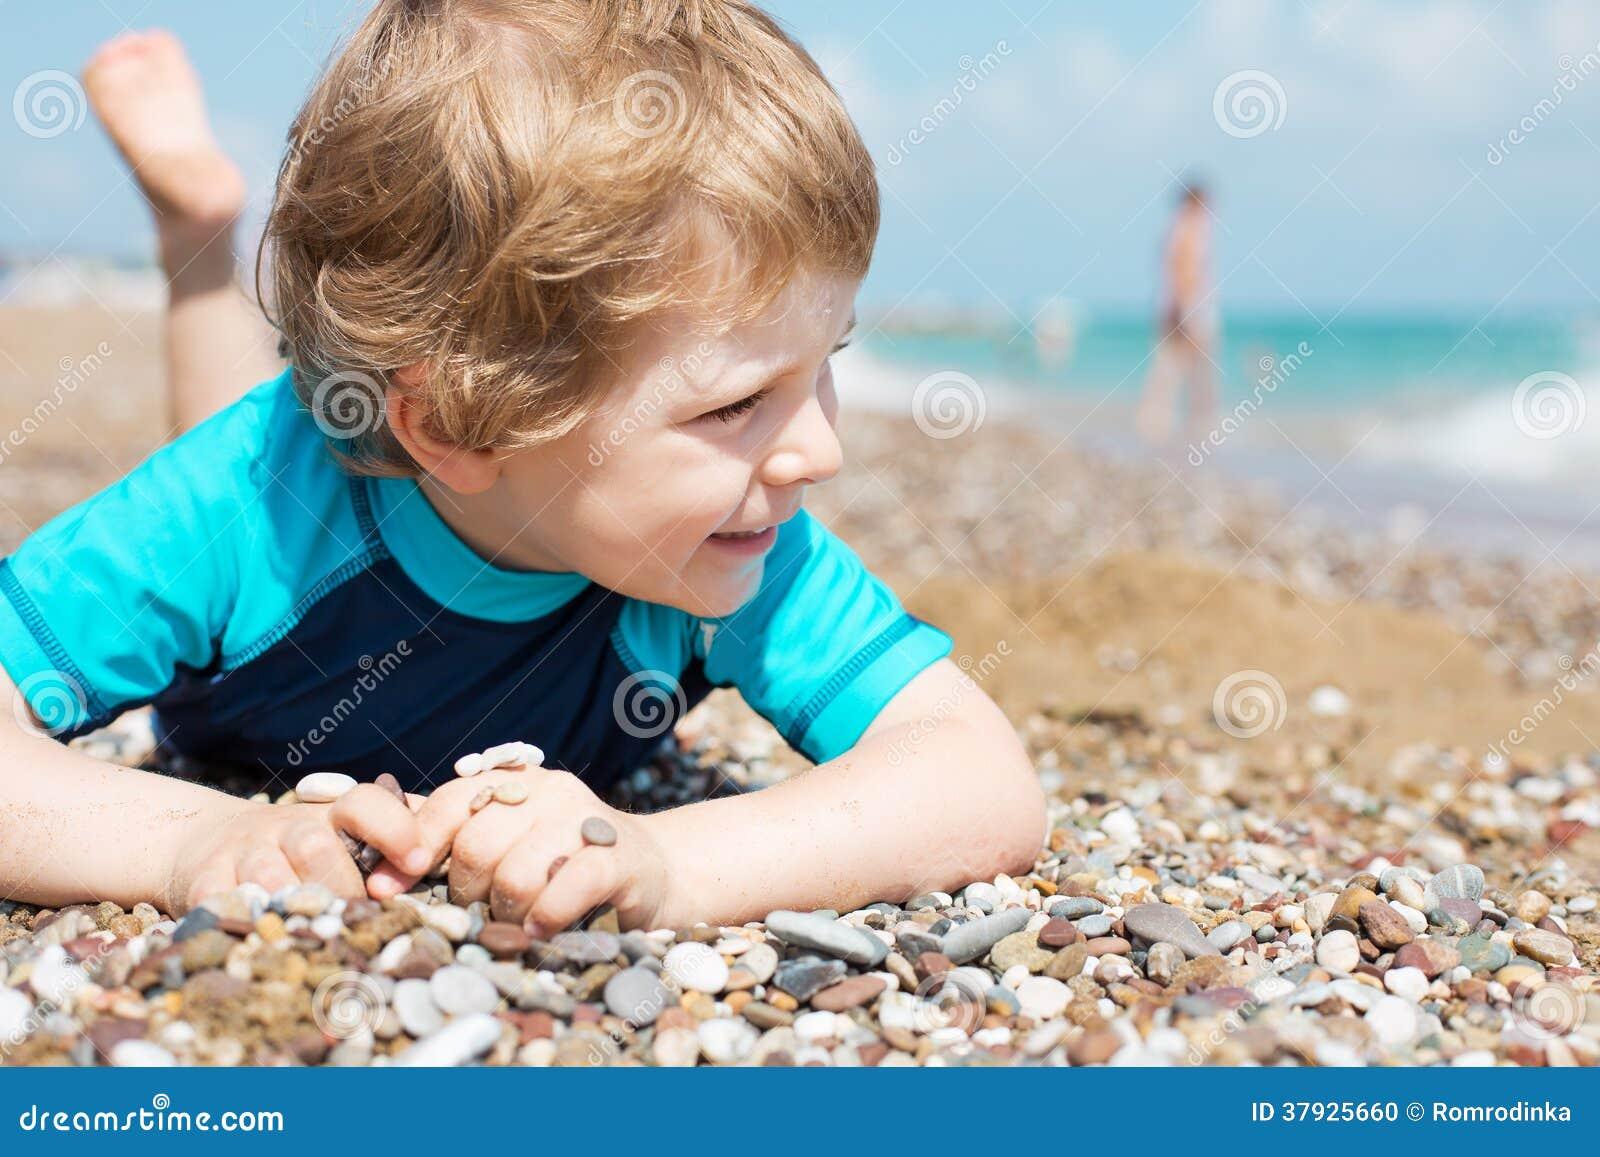 Портрет белокурого мальчика малыша на пляже в лете.